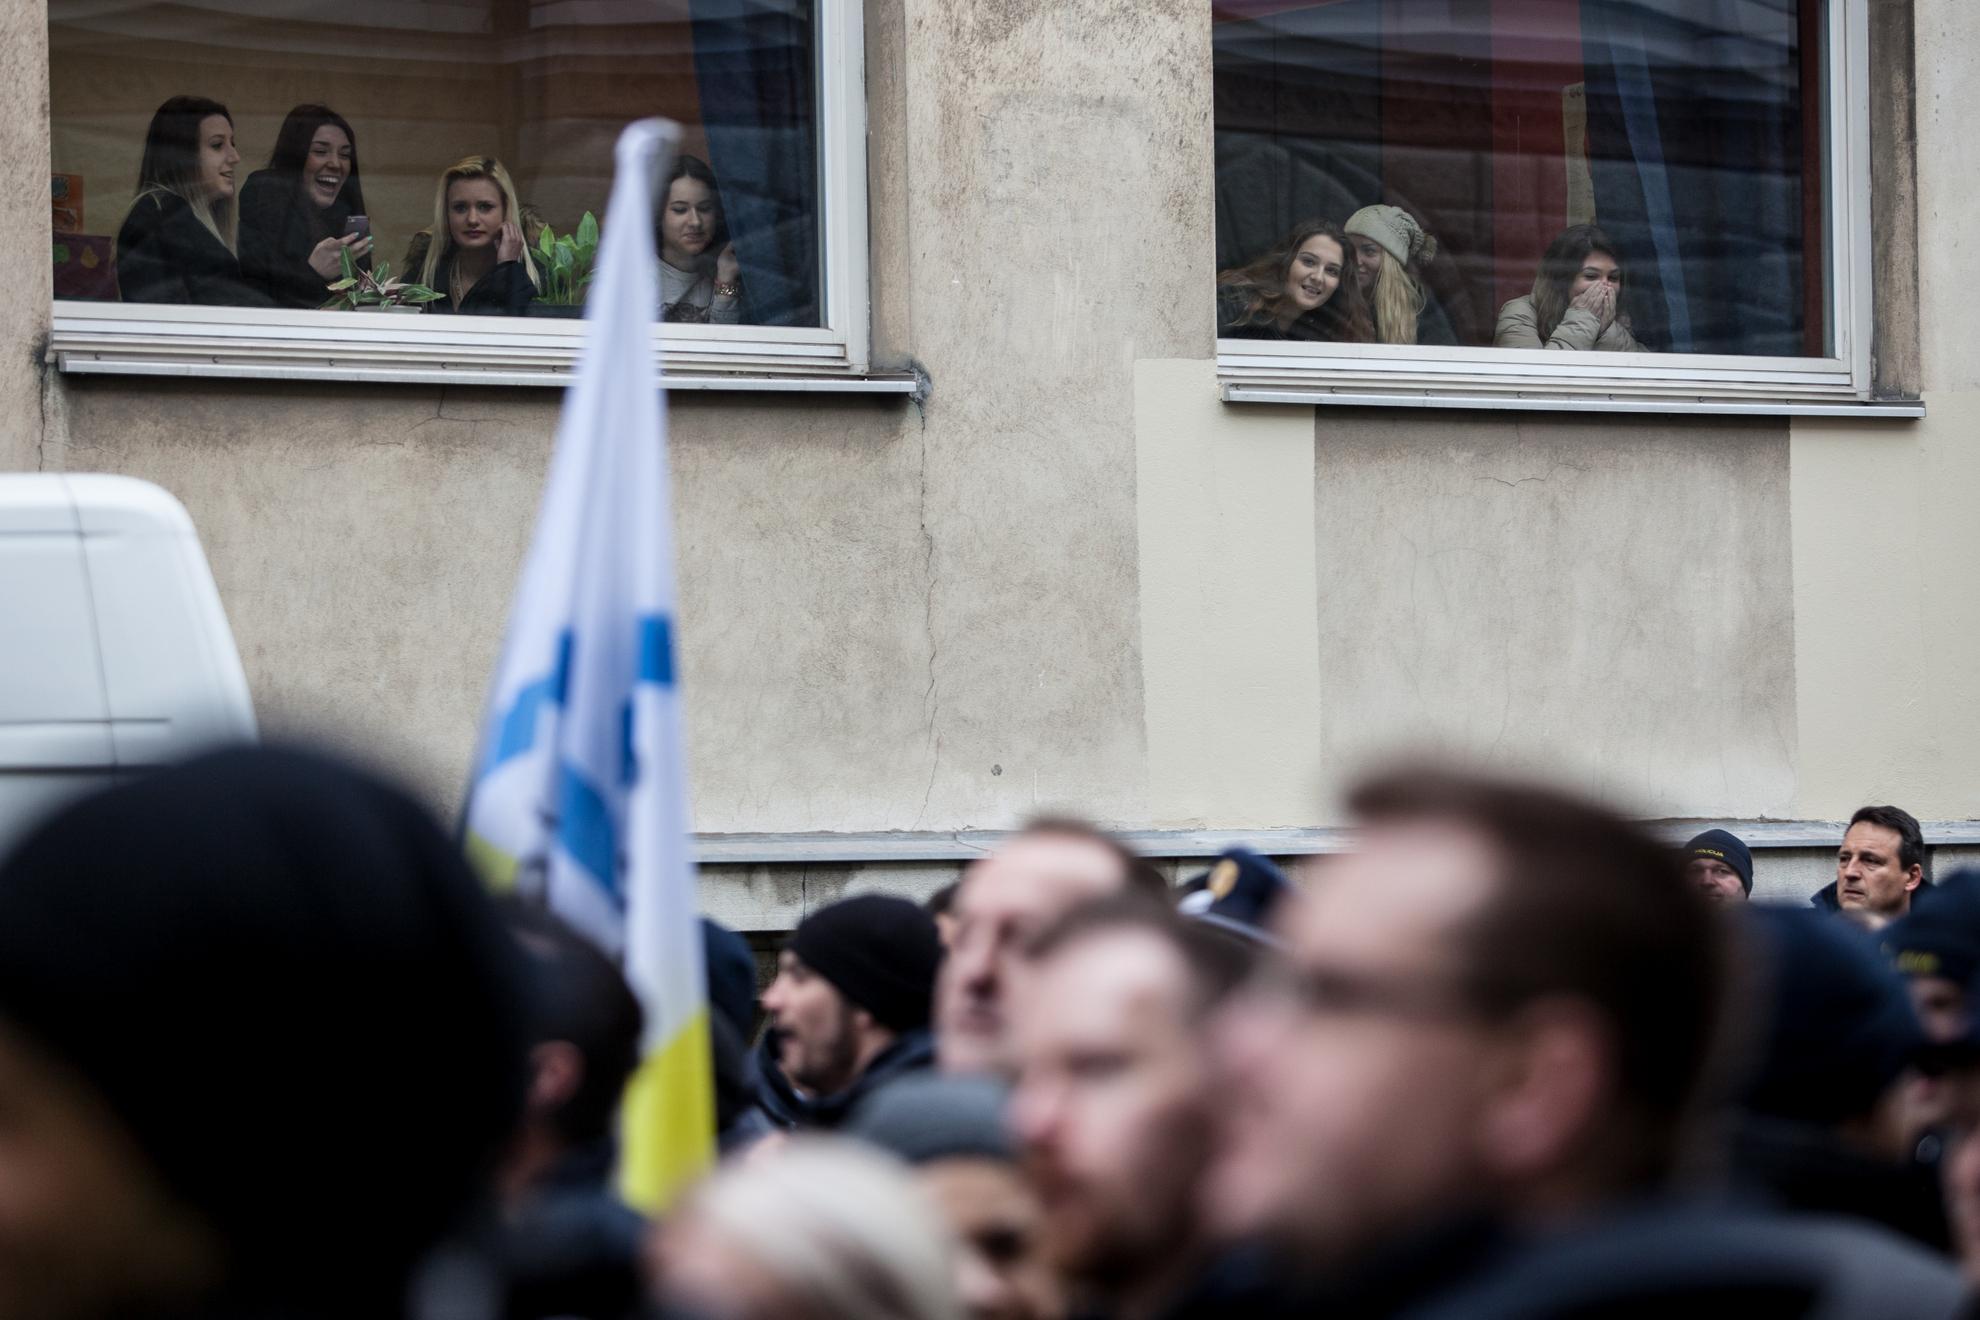 Ljubljana, Stavka policistov. Diajkinje ekonomske šole opazujejo stavkaoče policiste.